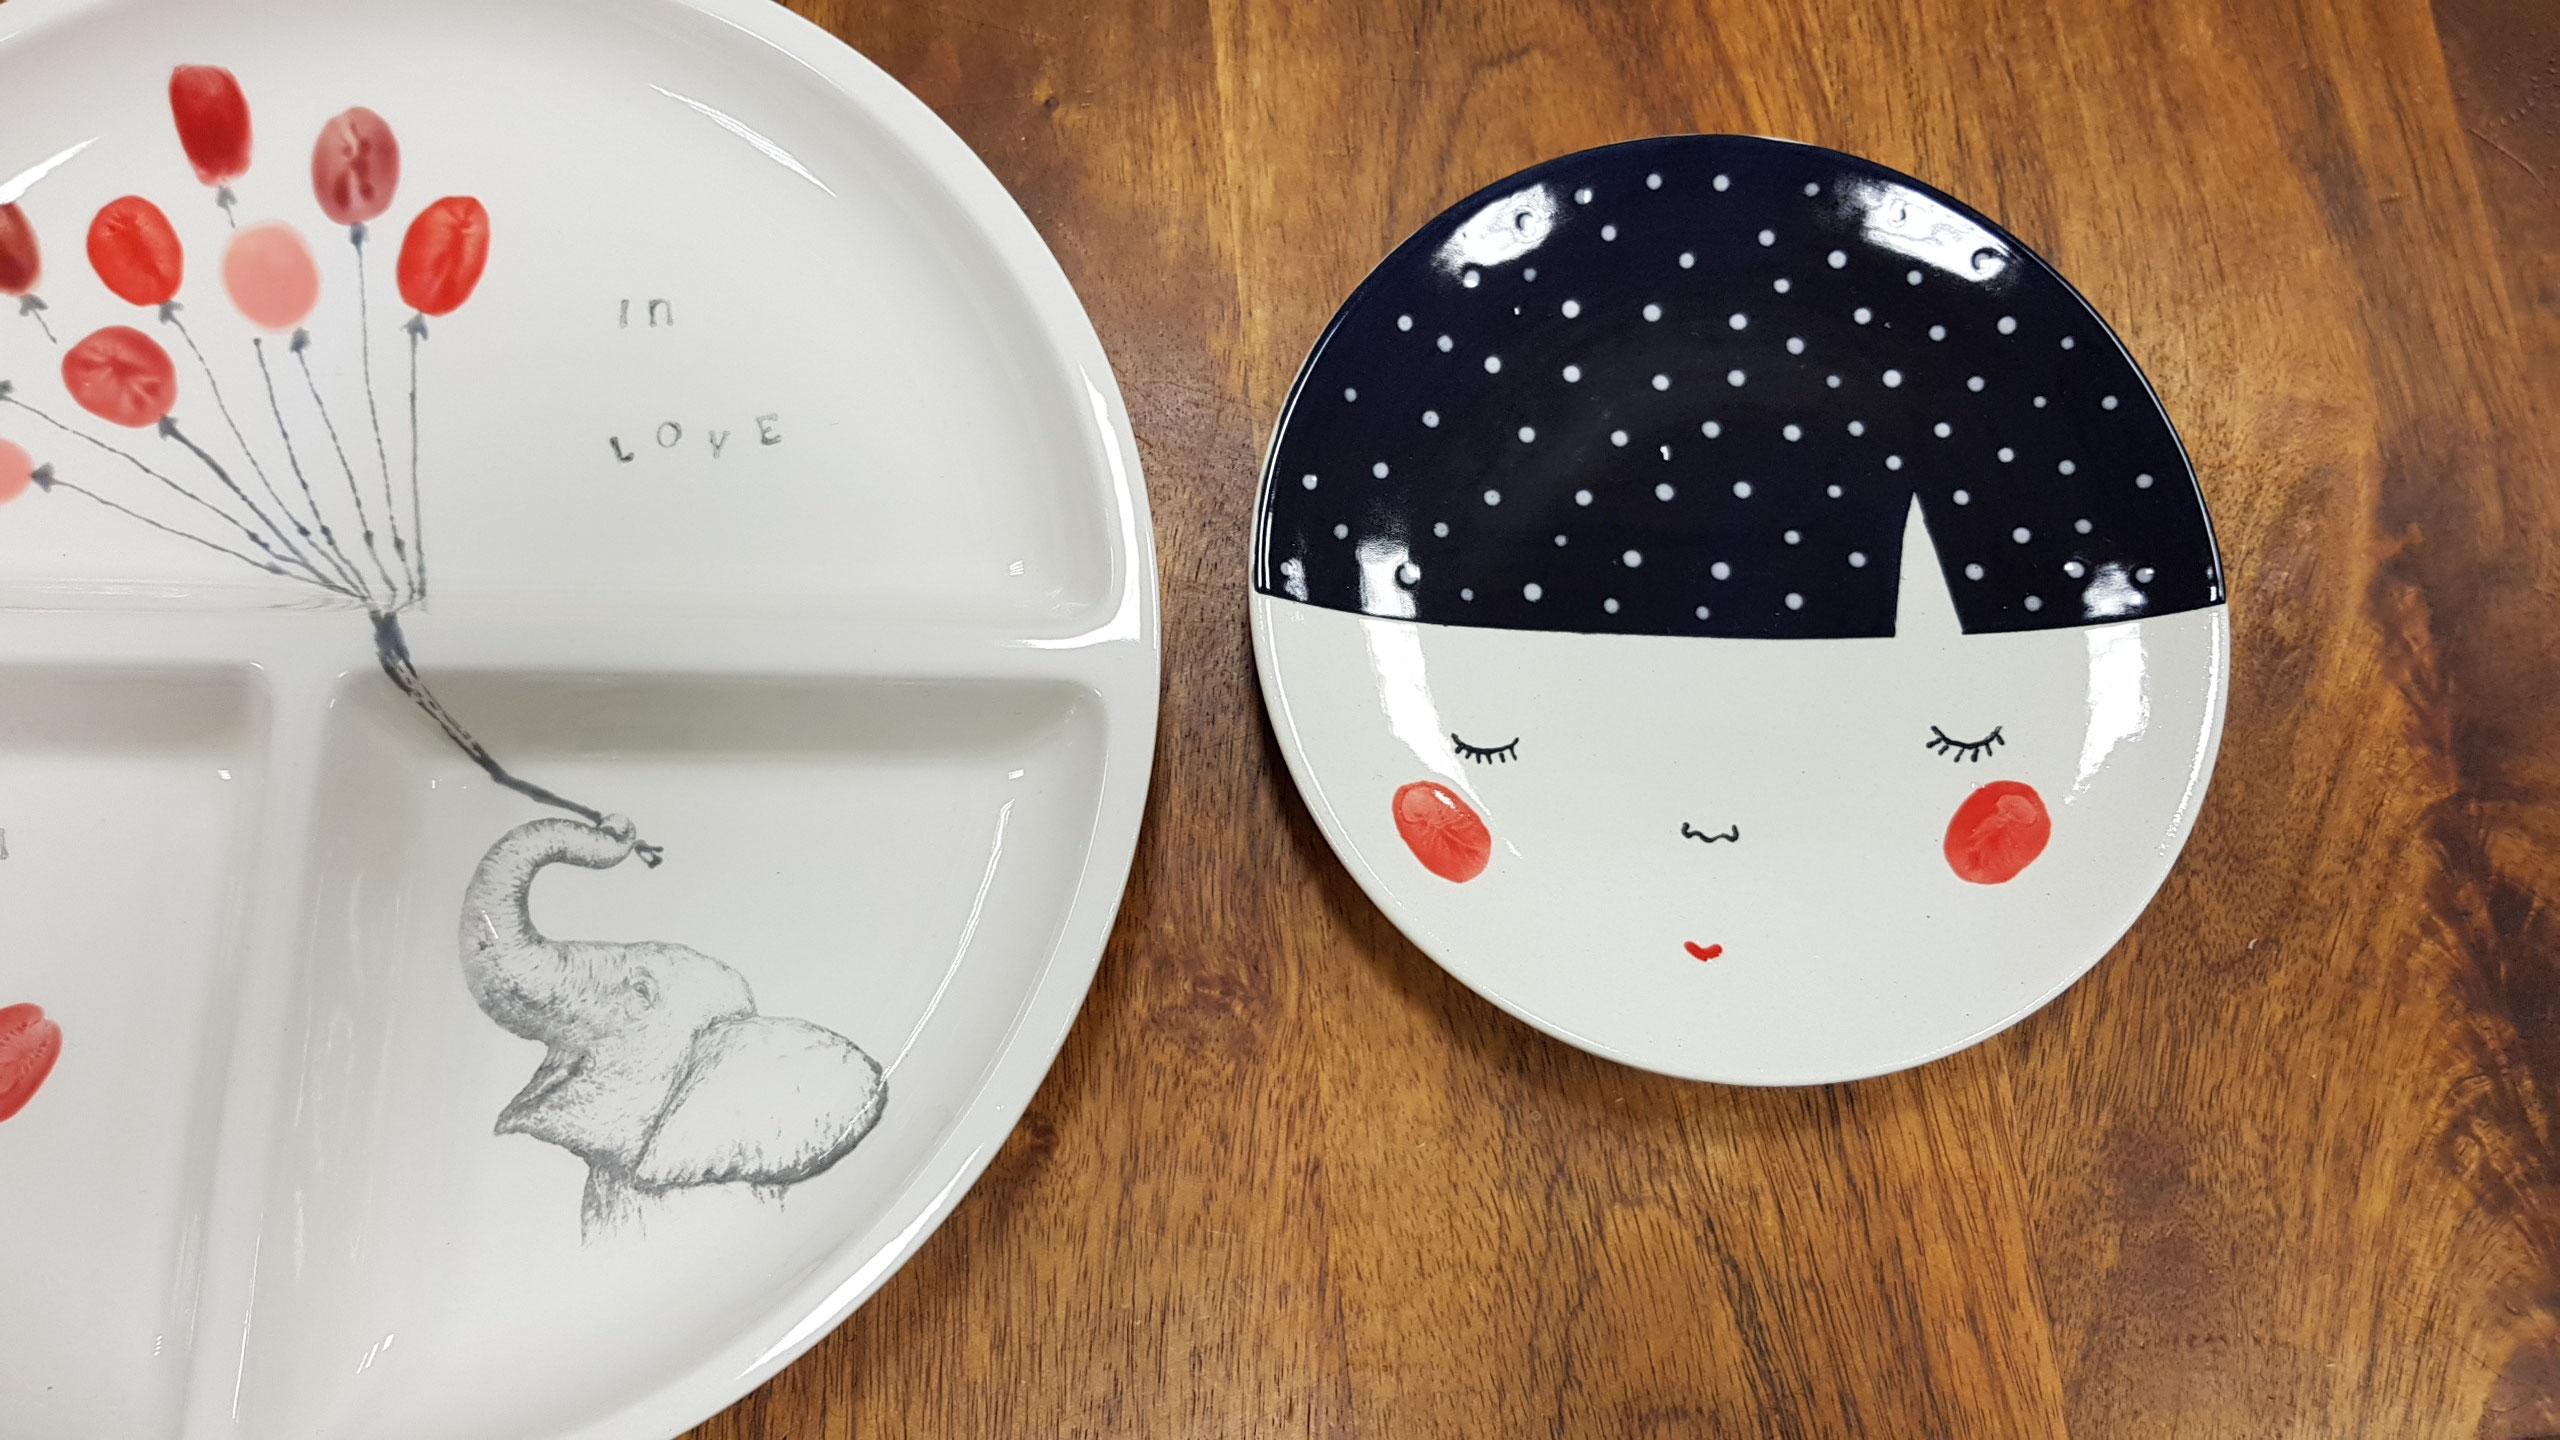 Ein Paar Schone Ideen Zum Keramik Bemalen Keramik Malerei Bei Artcuisine